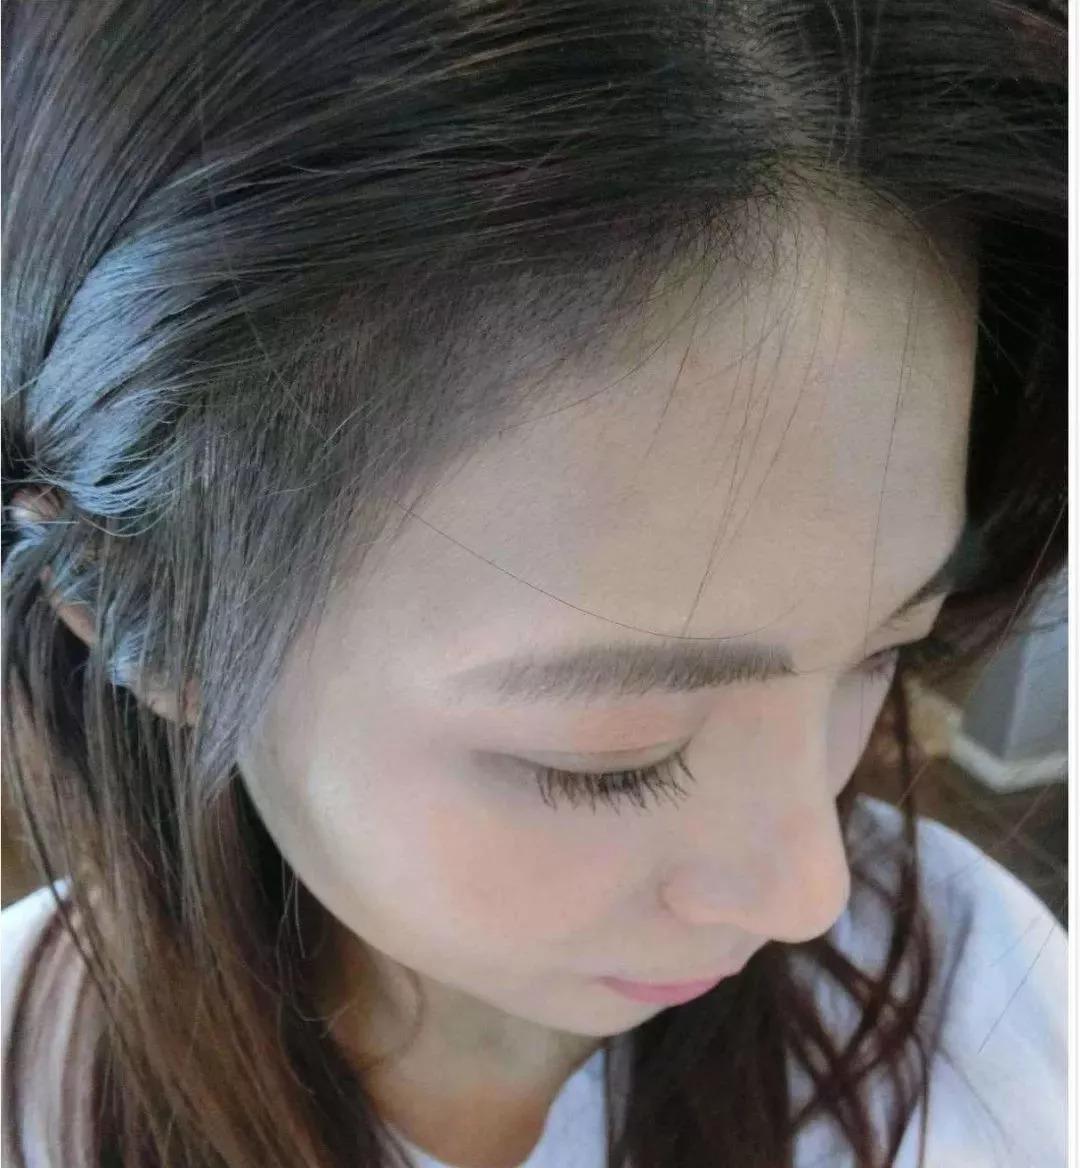 女性头发稀疏,男性大面积脱发,秃顶,发际线高,额头宽,m型脱发或者斑秃图片